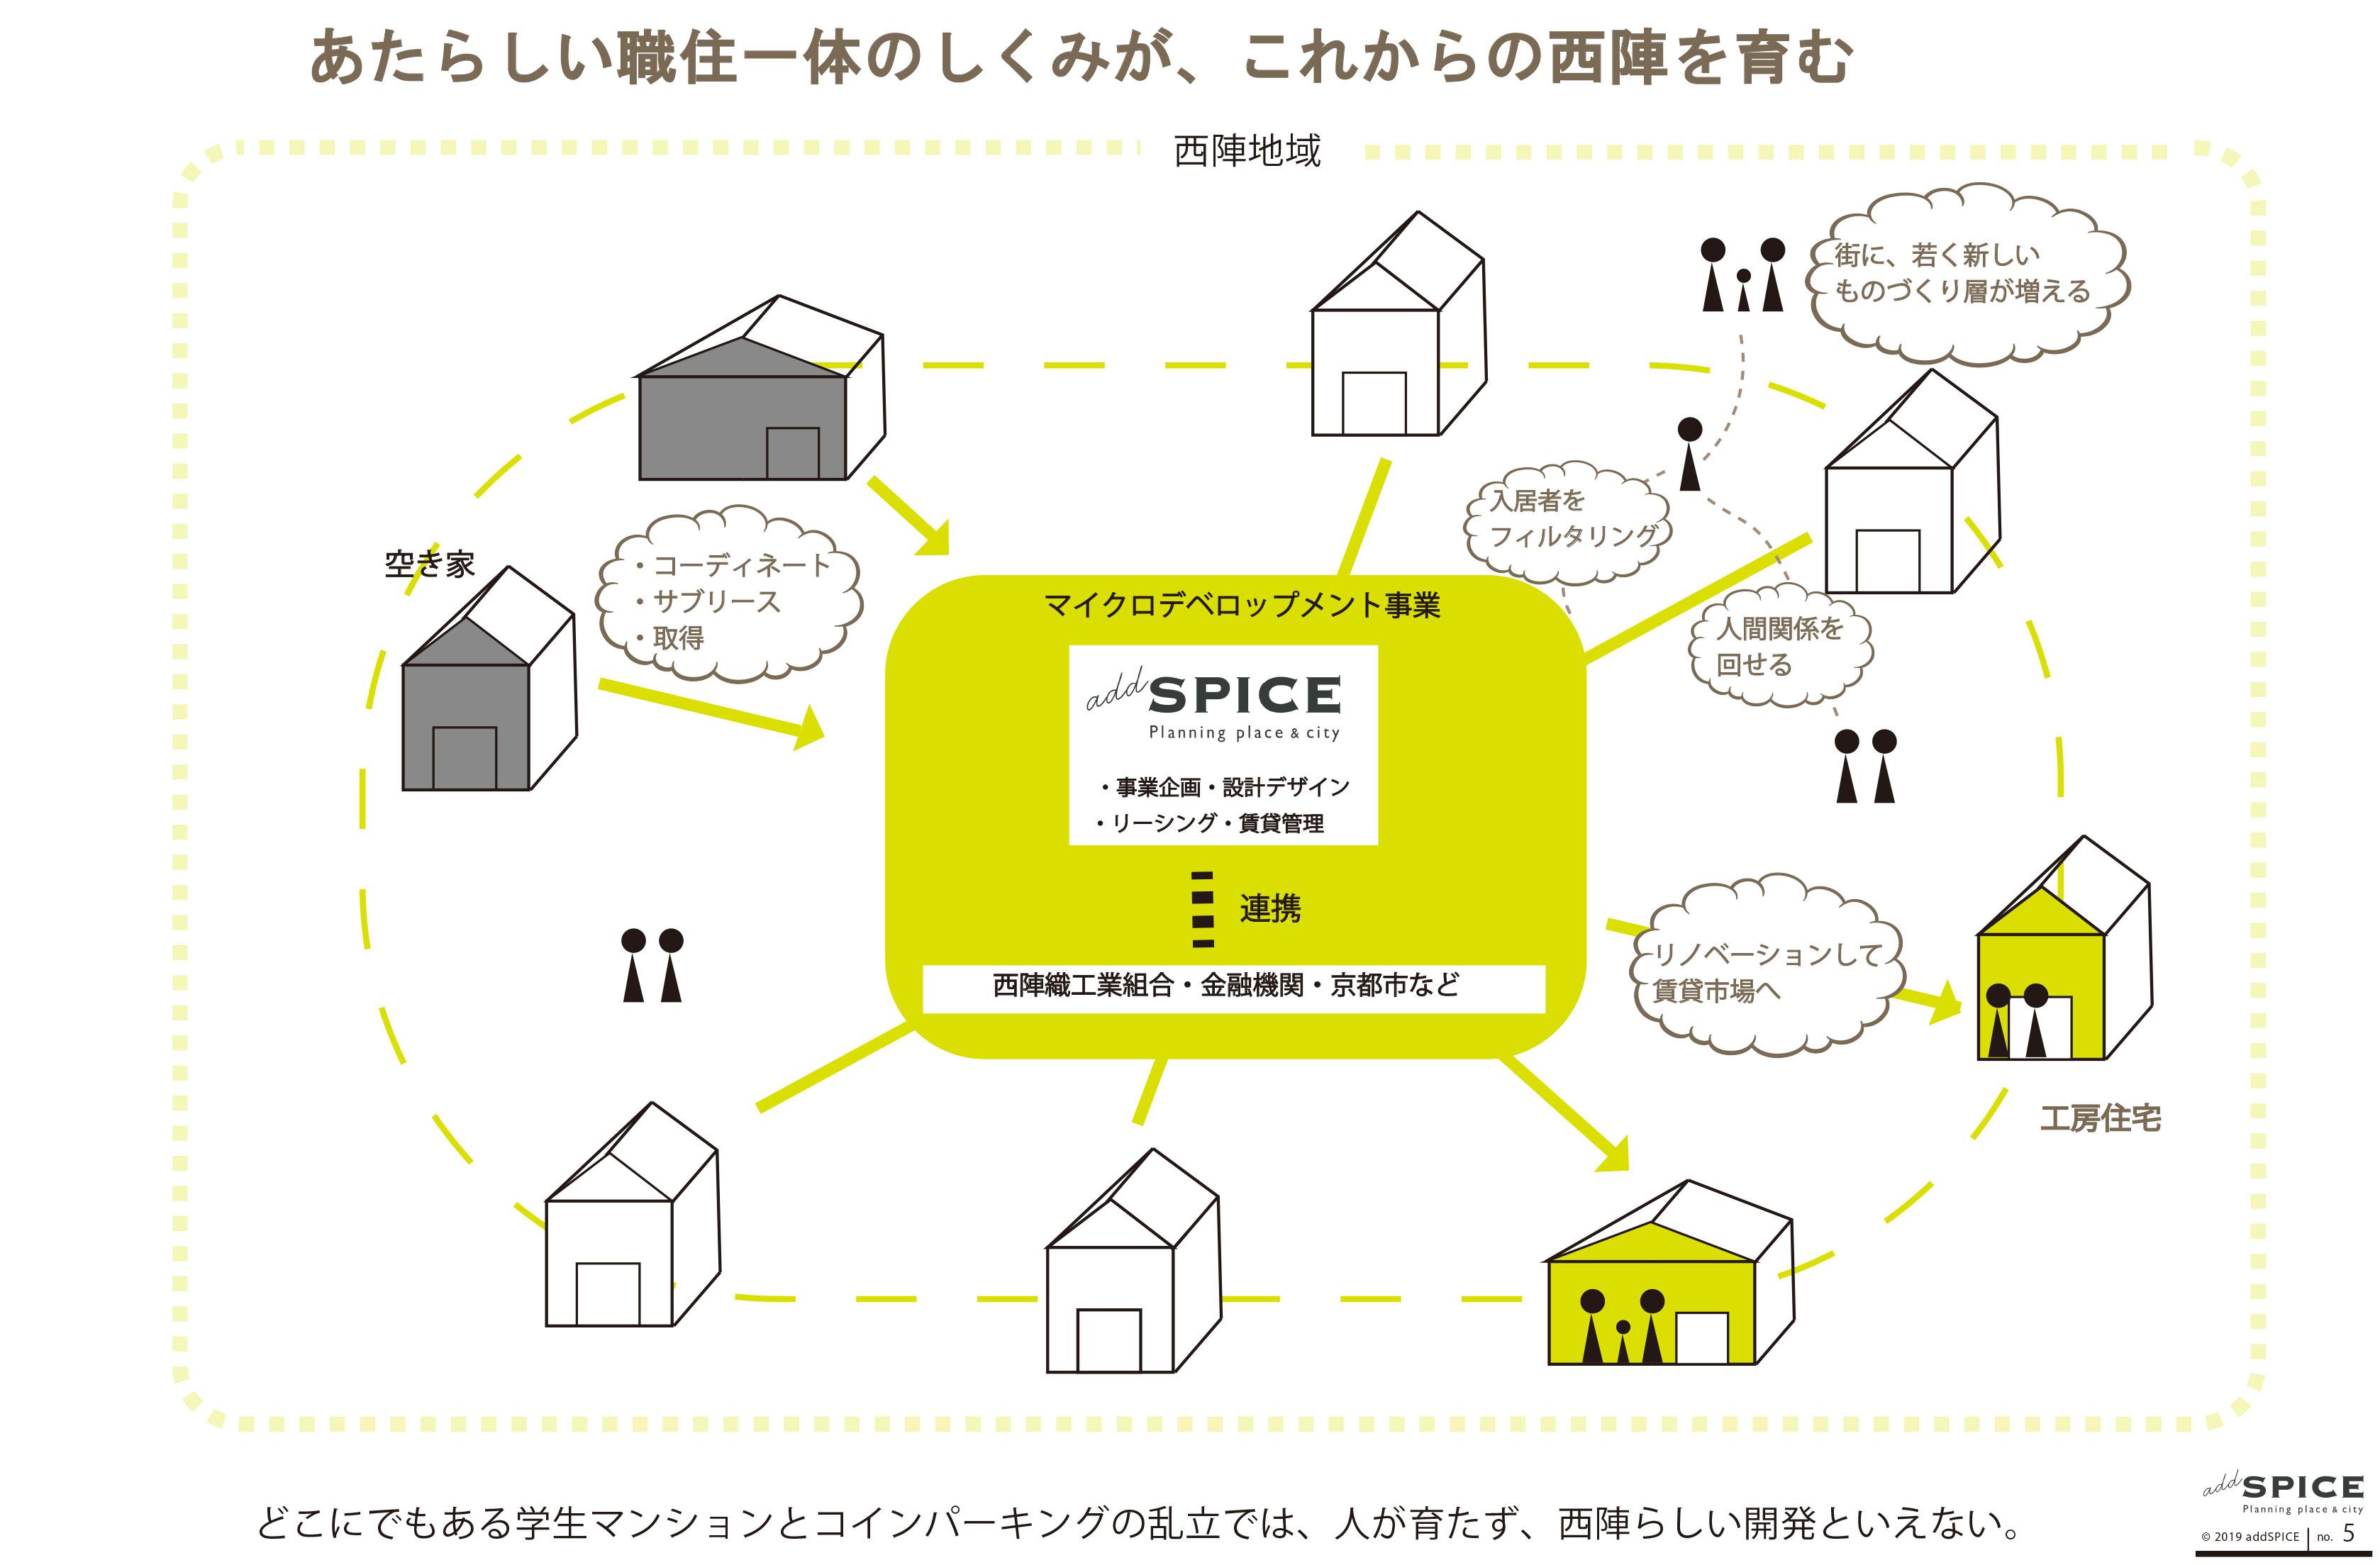 プロジェクトイメージ図